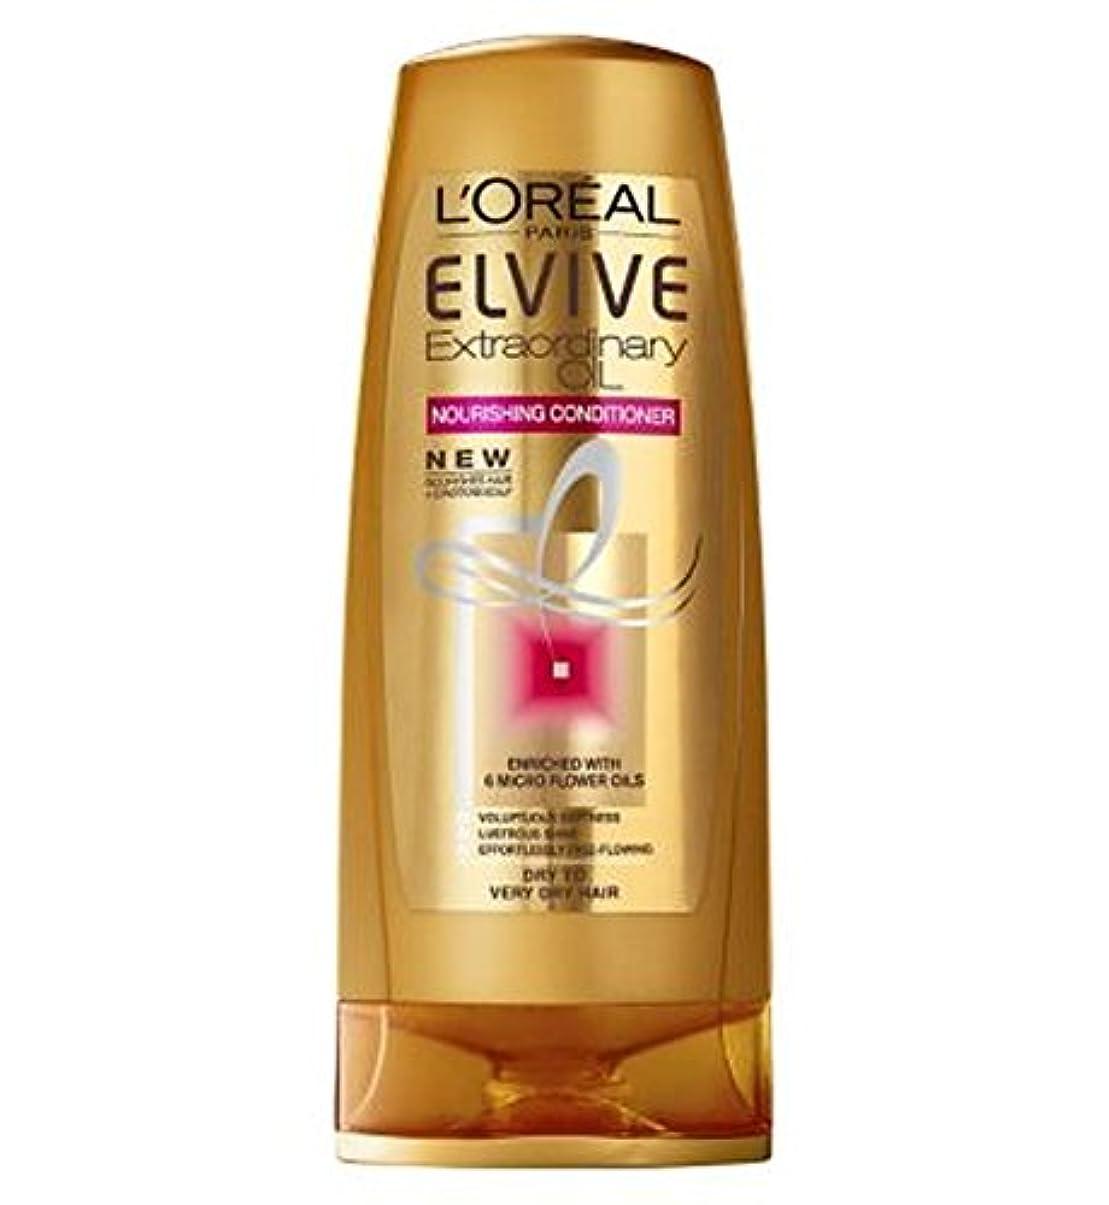 ボール増強する小学生L'Oreal Elvive Extraordinary Oils Nourishing Conditioner Dry to Rough Hair 250ml - ラフヘア250ミリリットルにコンディショナードライ栄養ロレアルElvive臨時油 (L'Oreal) [並行輸入品]